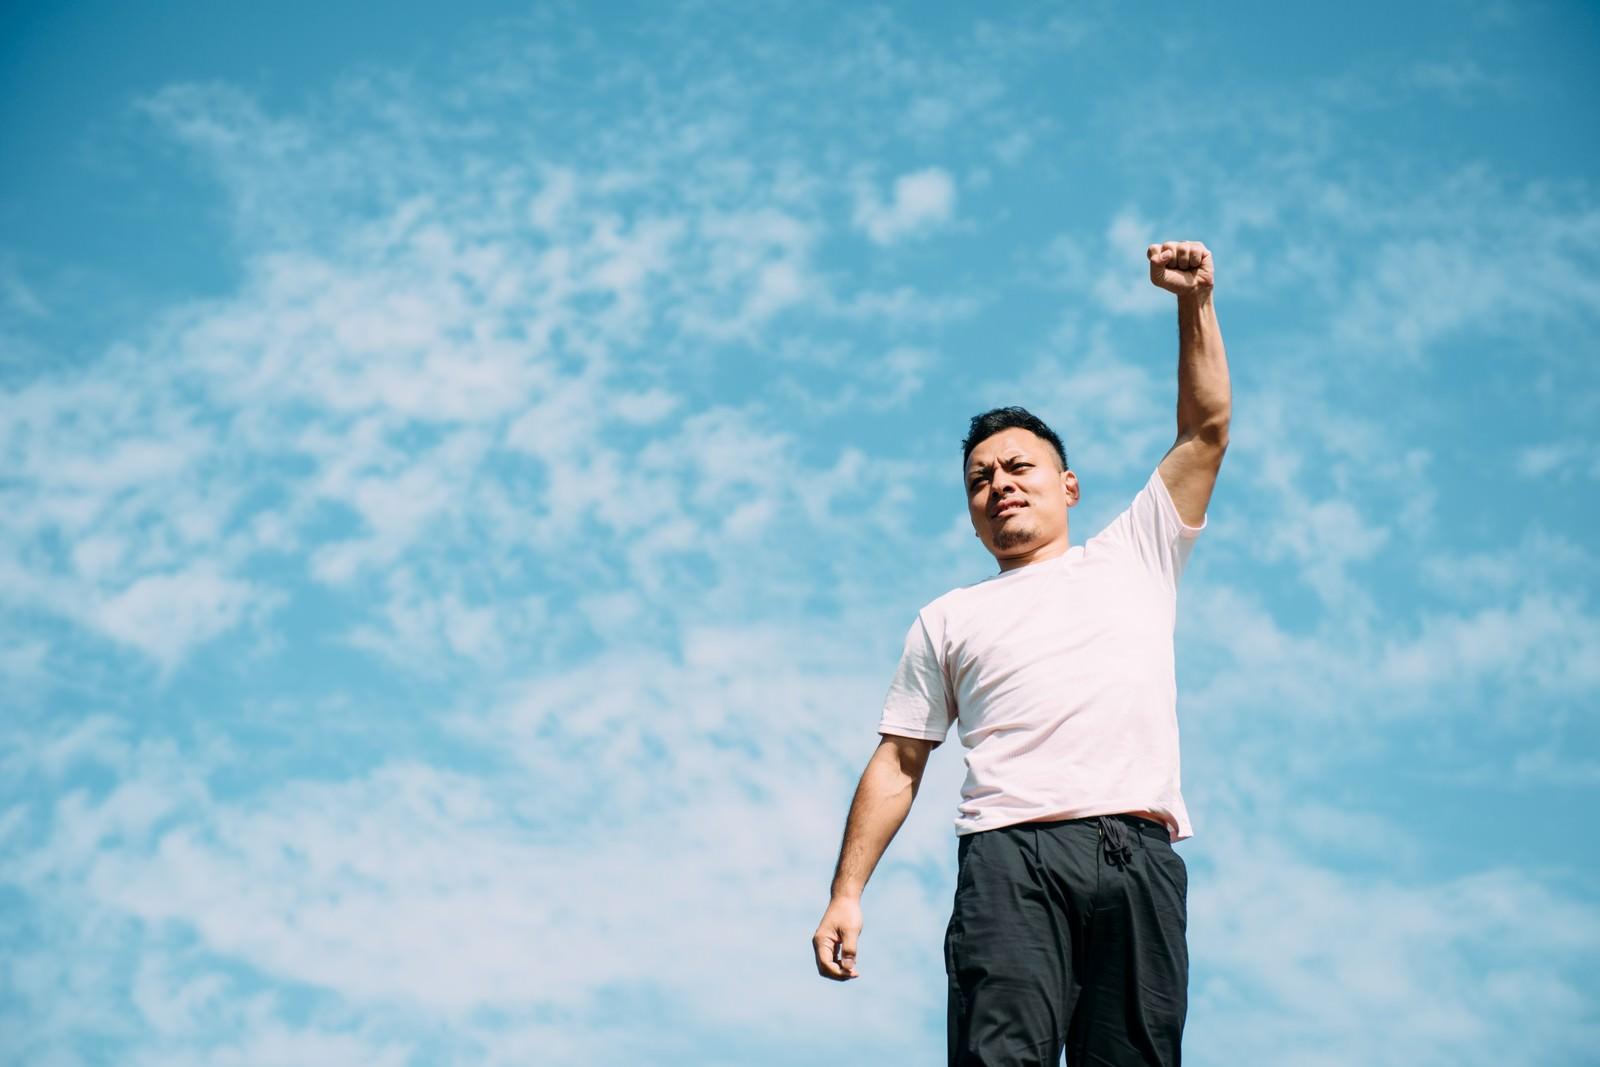 「勝利を確信する男性勝利を確信する男性」[モデル:カルロス]のフリー写真素材を拡大